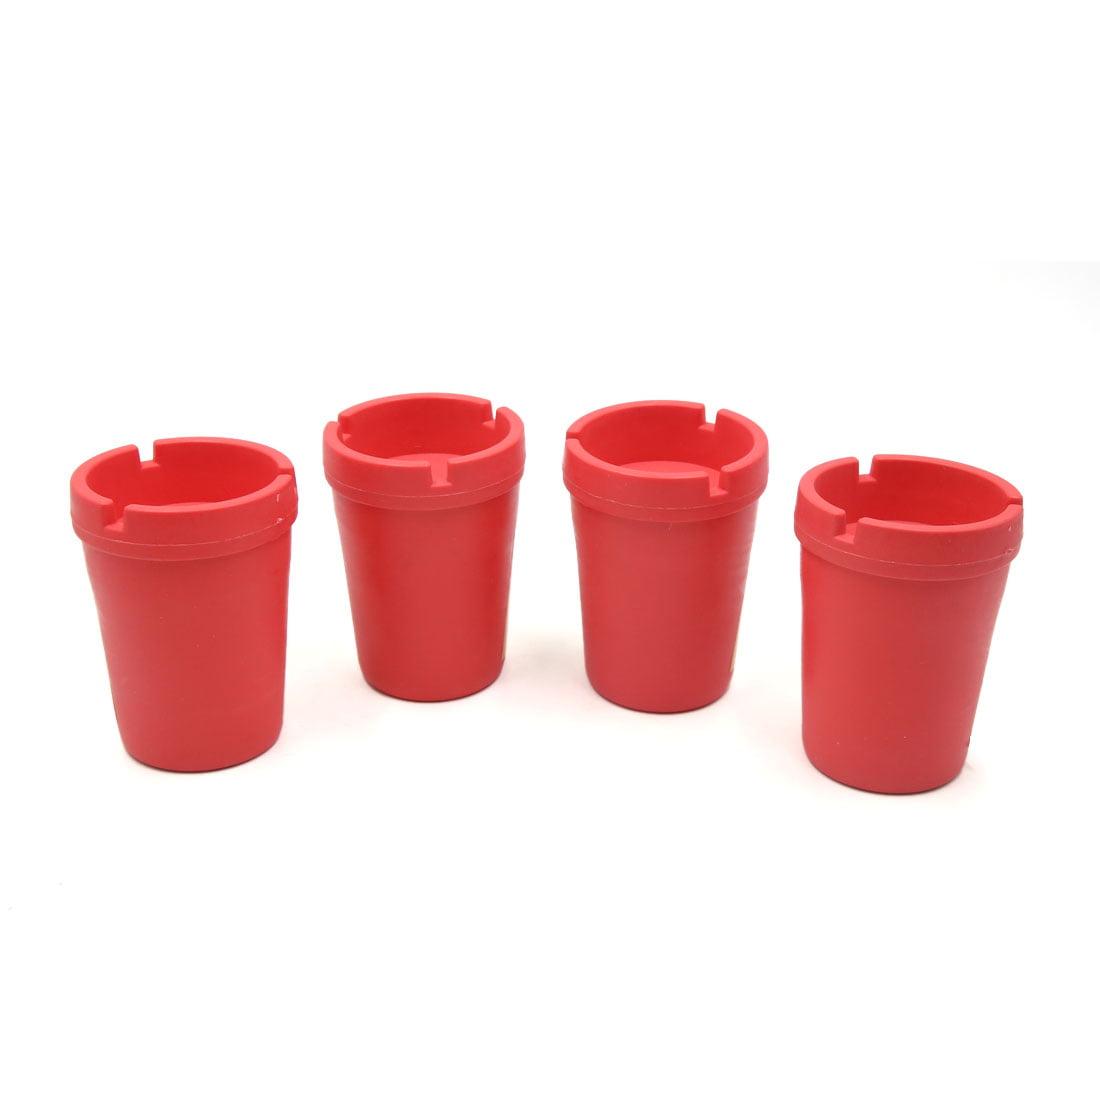 Unique Bargains4Pcs Red Car Plastic Groove Cup Shape Cigarette Holder Container Ashtray